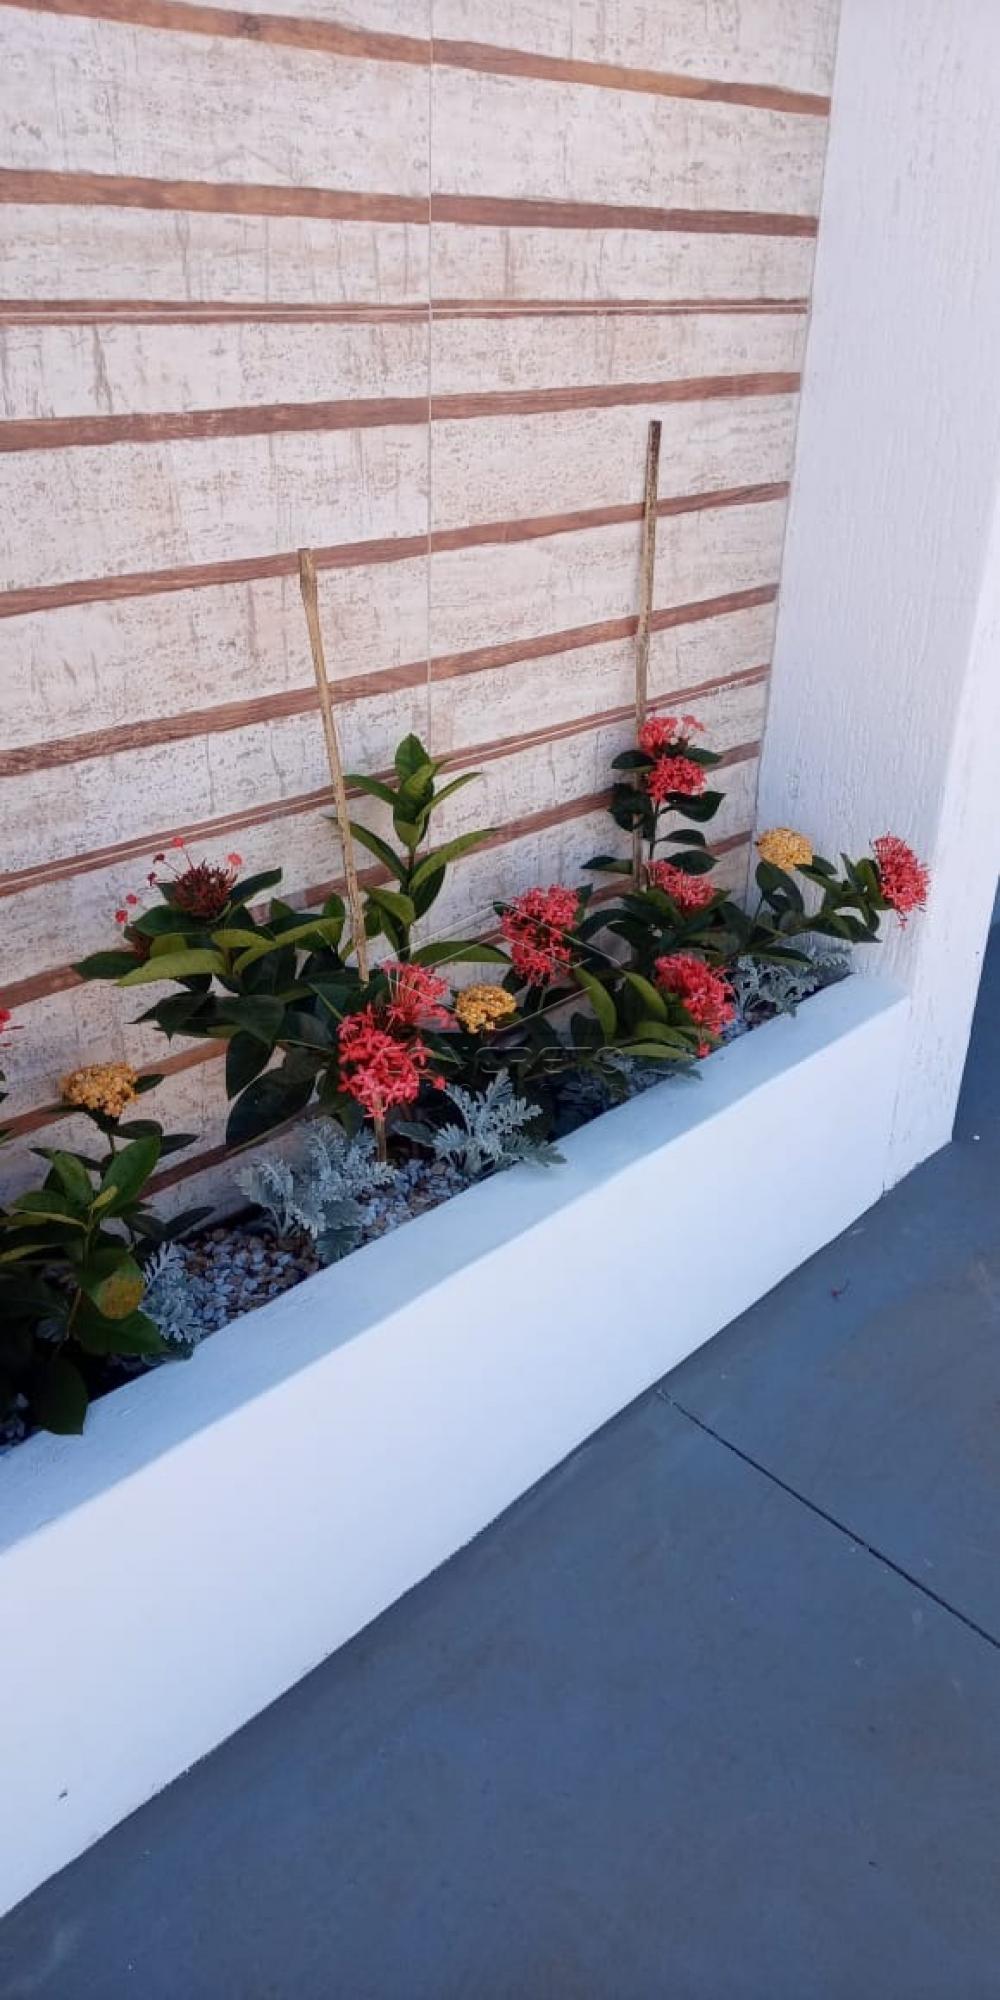 Comprar Casa / Padrão em Sao Manuel apenas R$ 650.000,00 - Foto 5